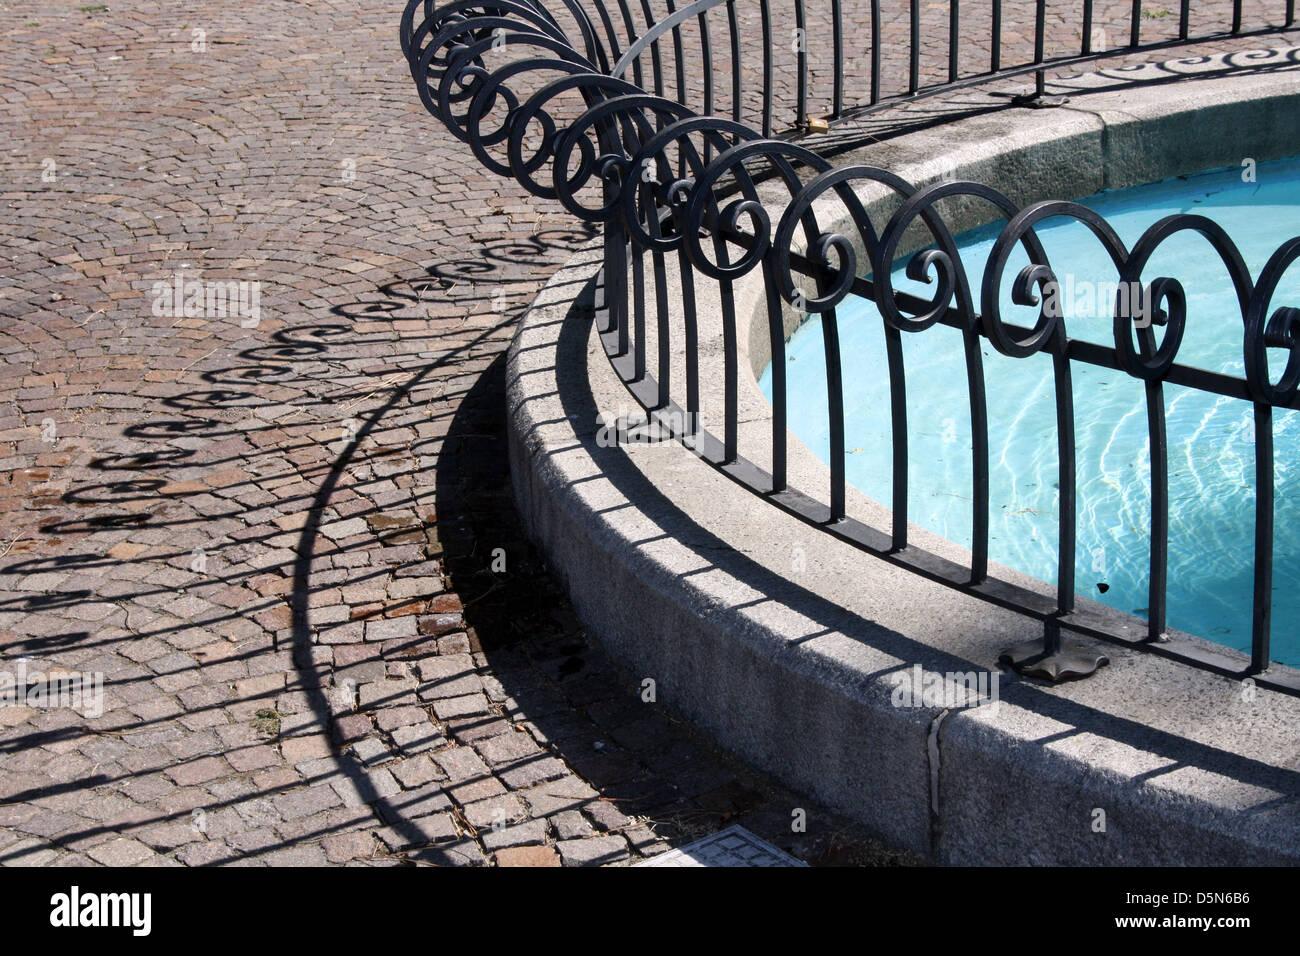 Circular Railings For Fountain. Garden